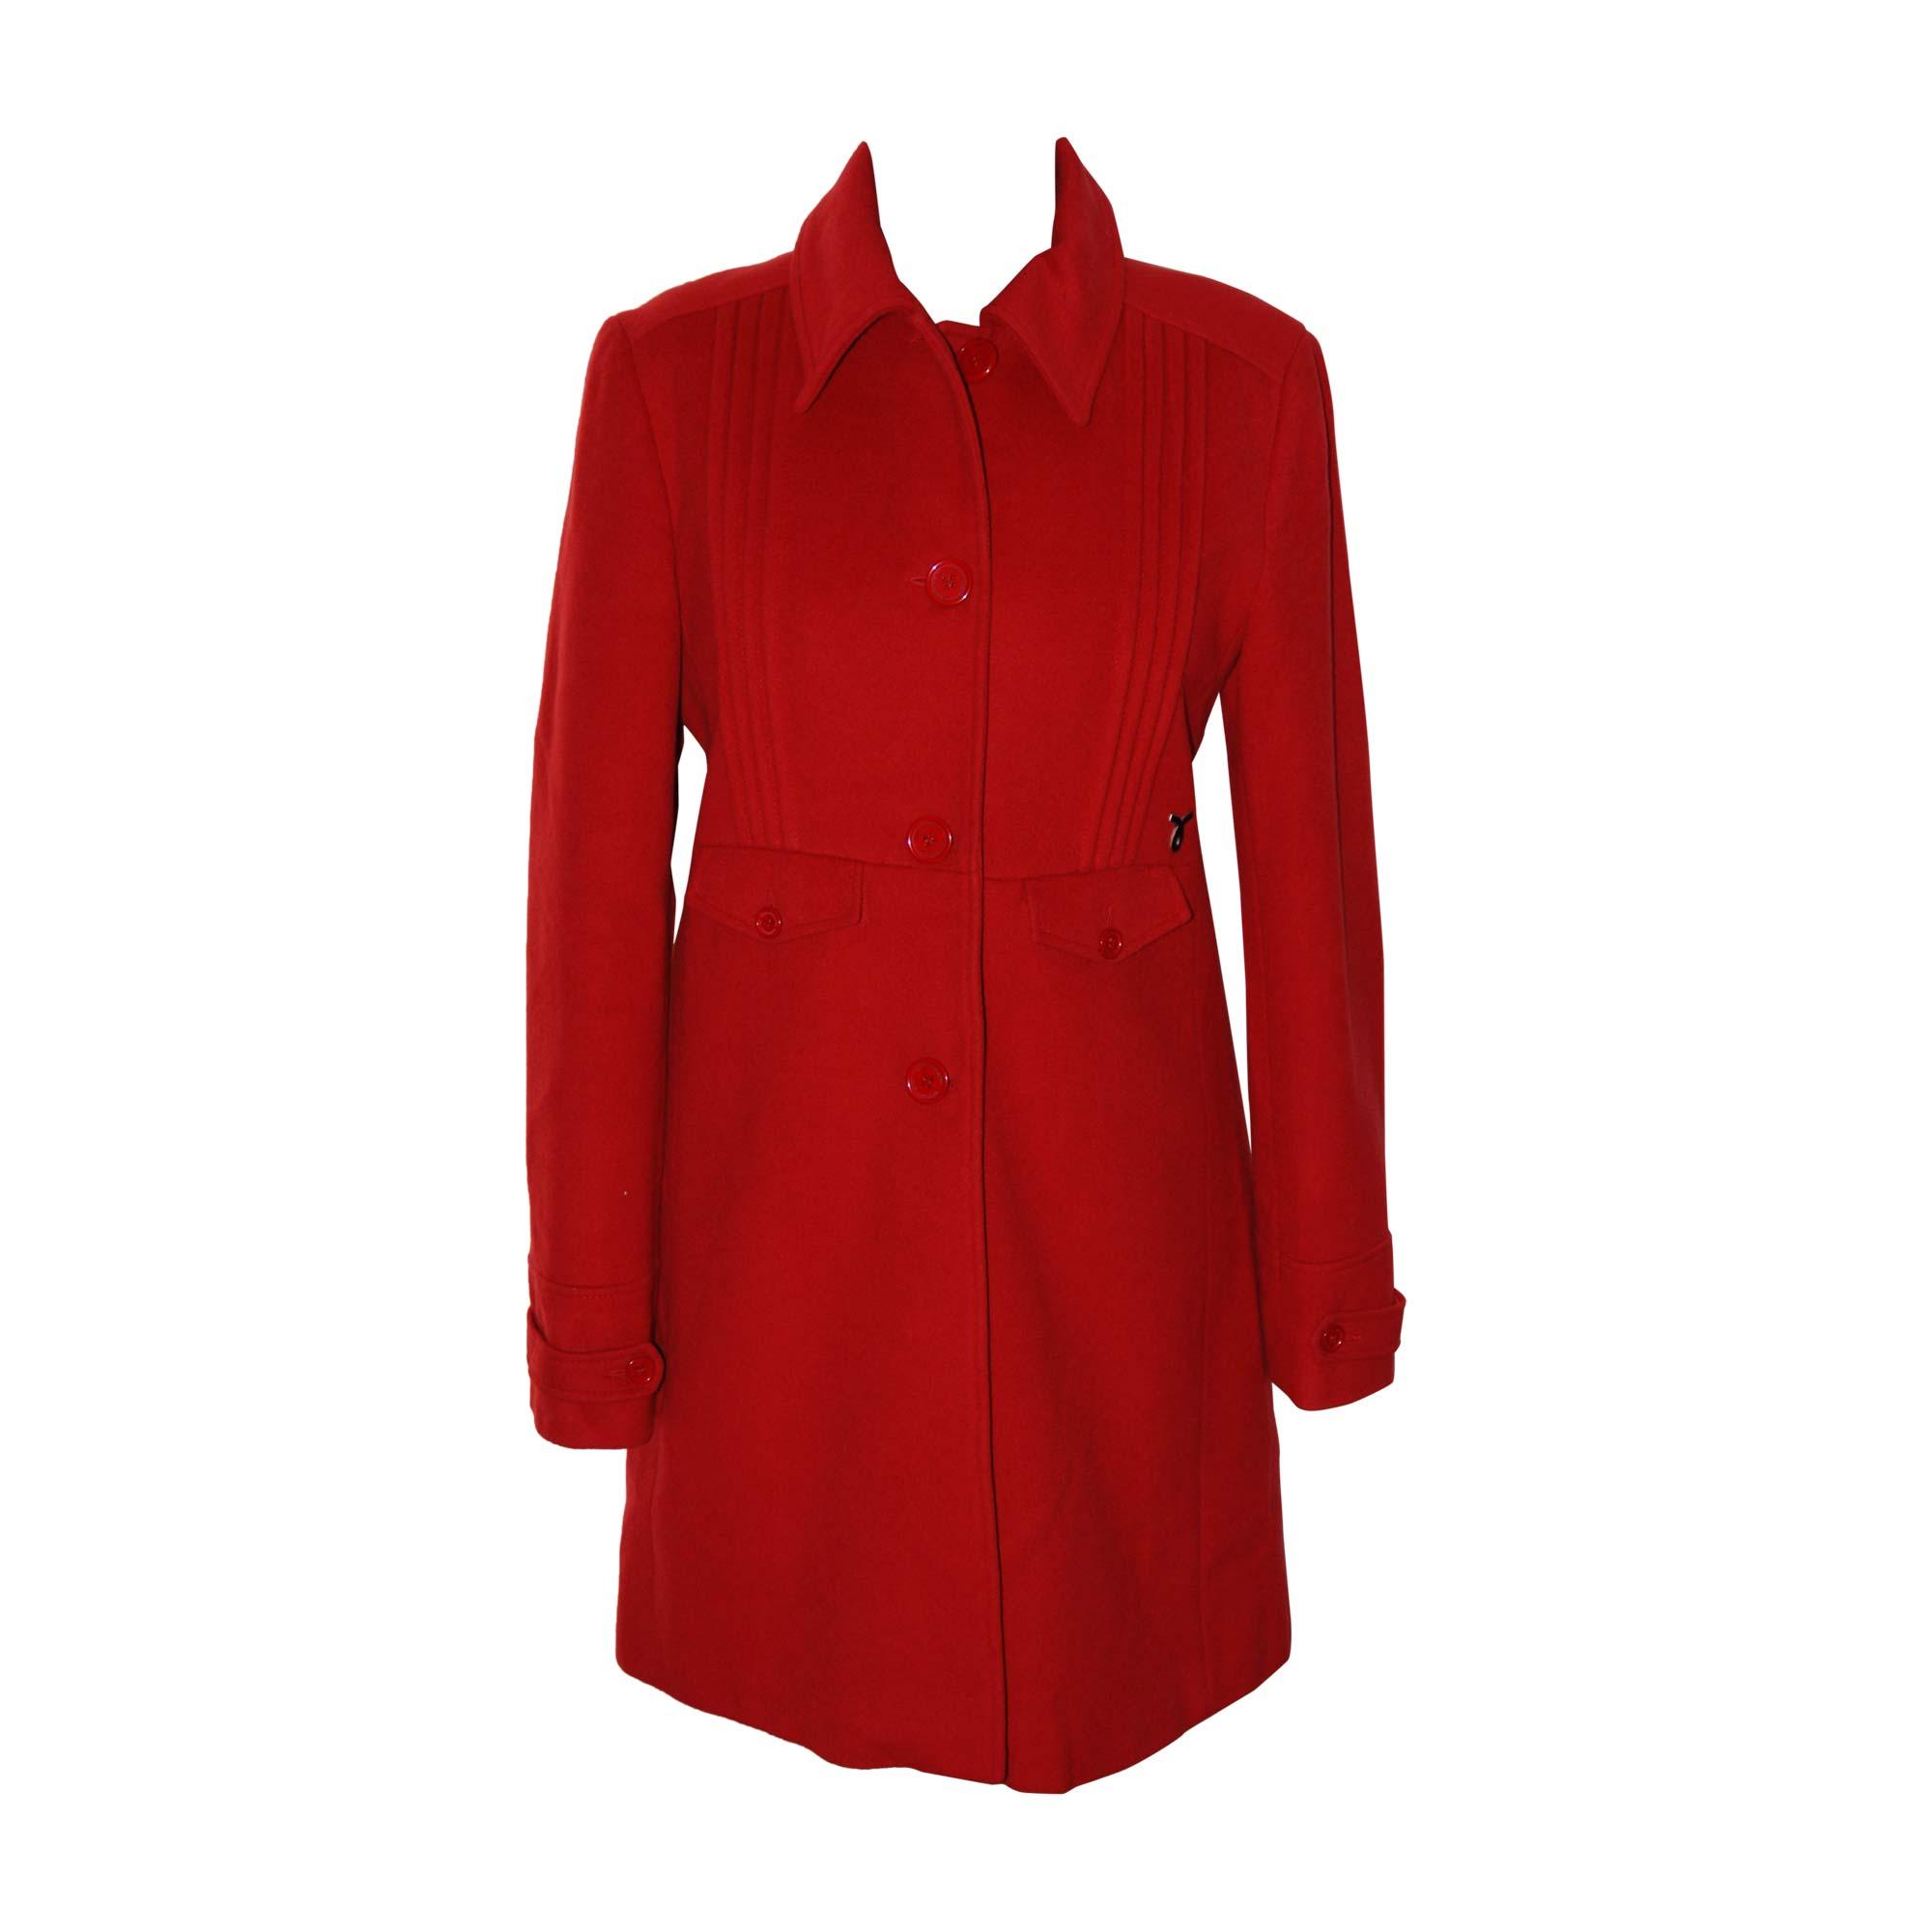 Manteaux en duvet | Vêtements pour femme | Melanie Lyne